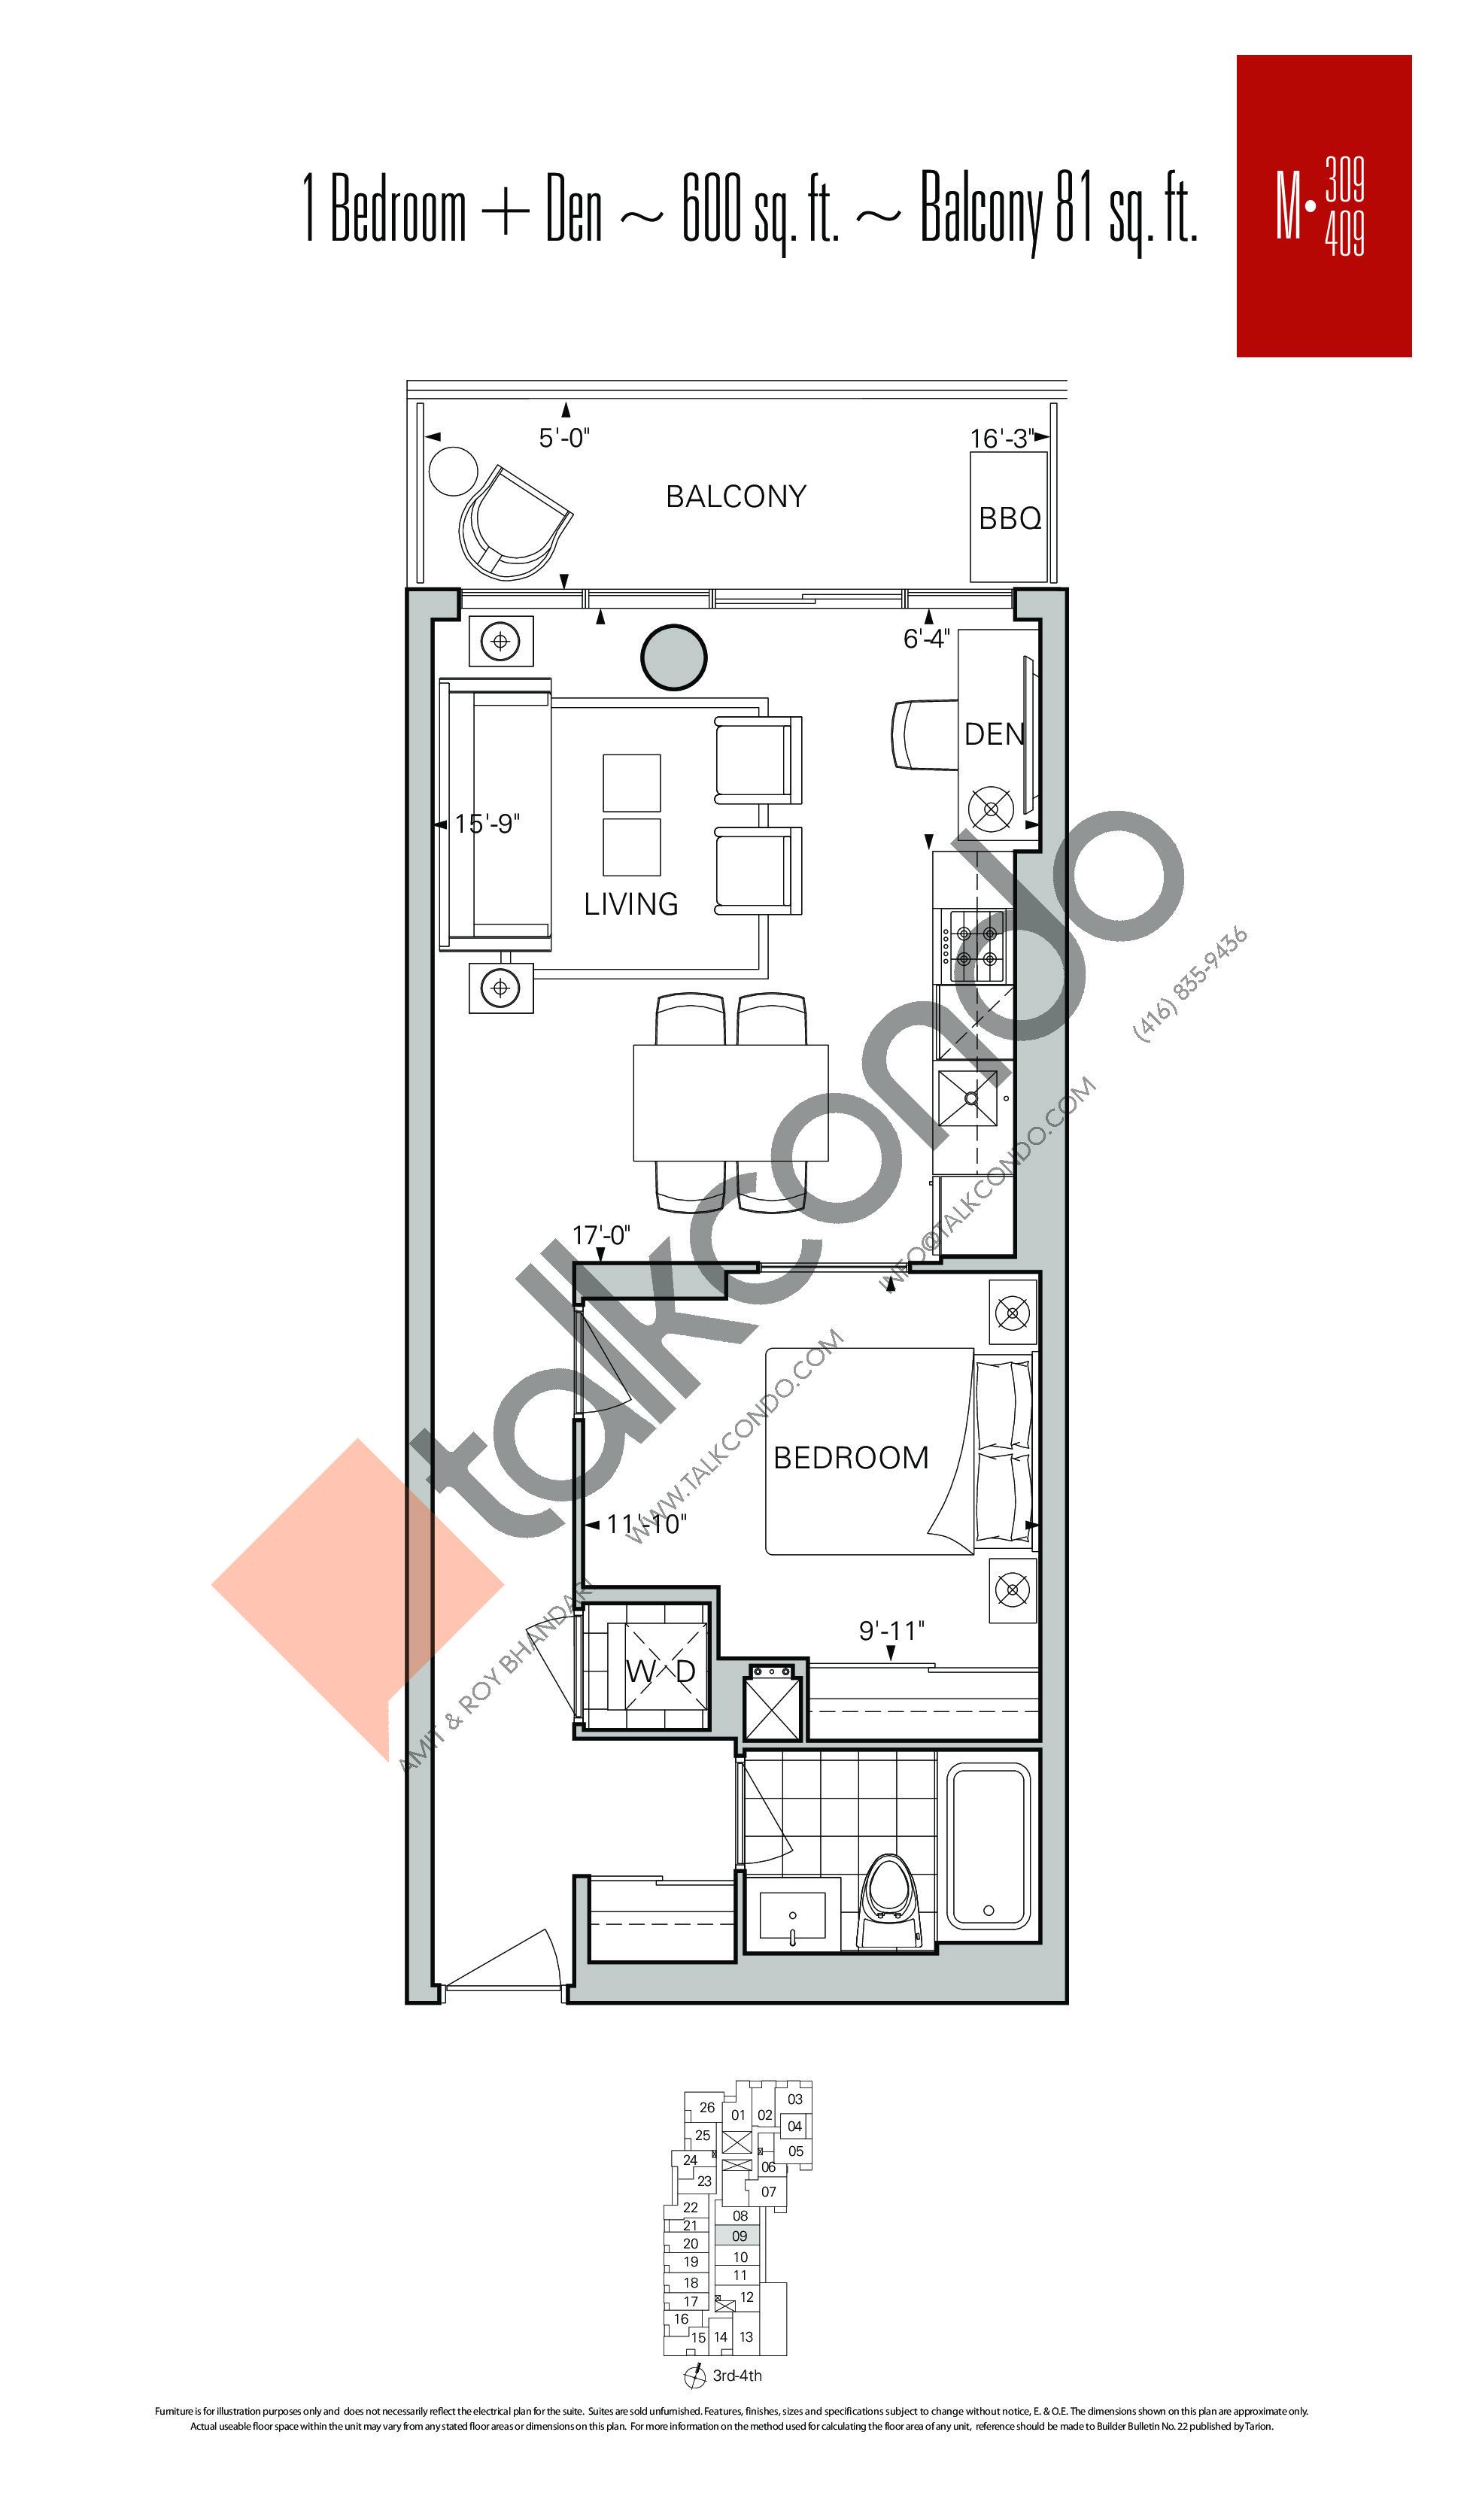 M-309 | M-409 Floor Plan at Rise Condos - 600 sq.ft